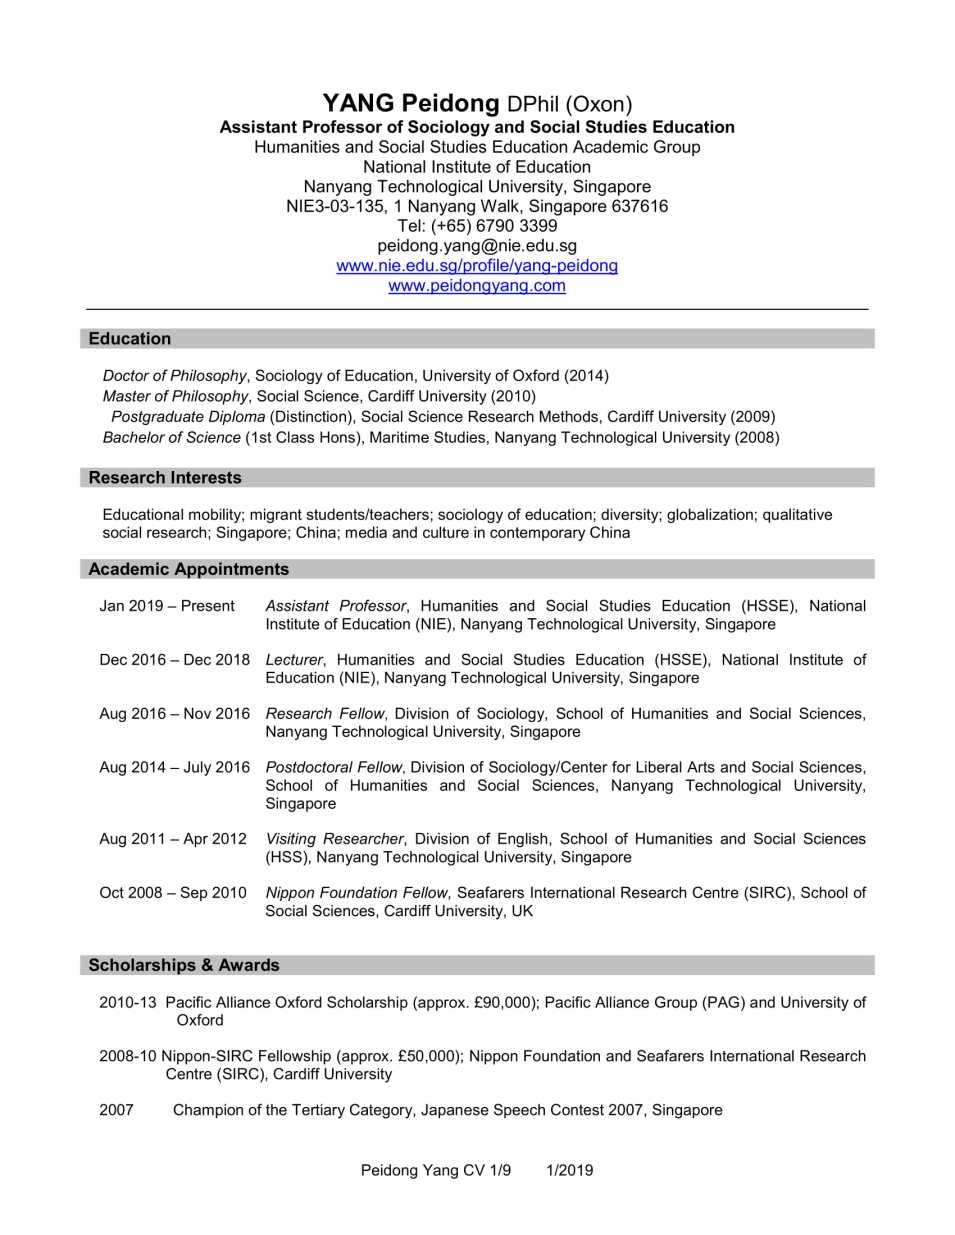 CV YANG Peidong_1.2019-1